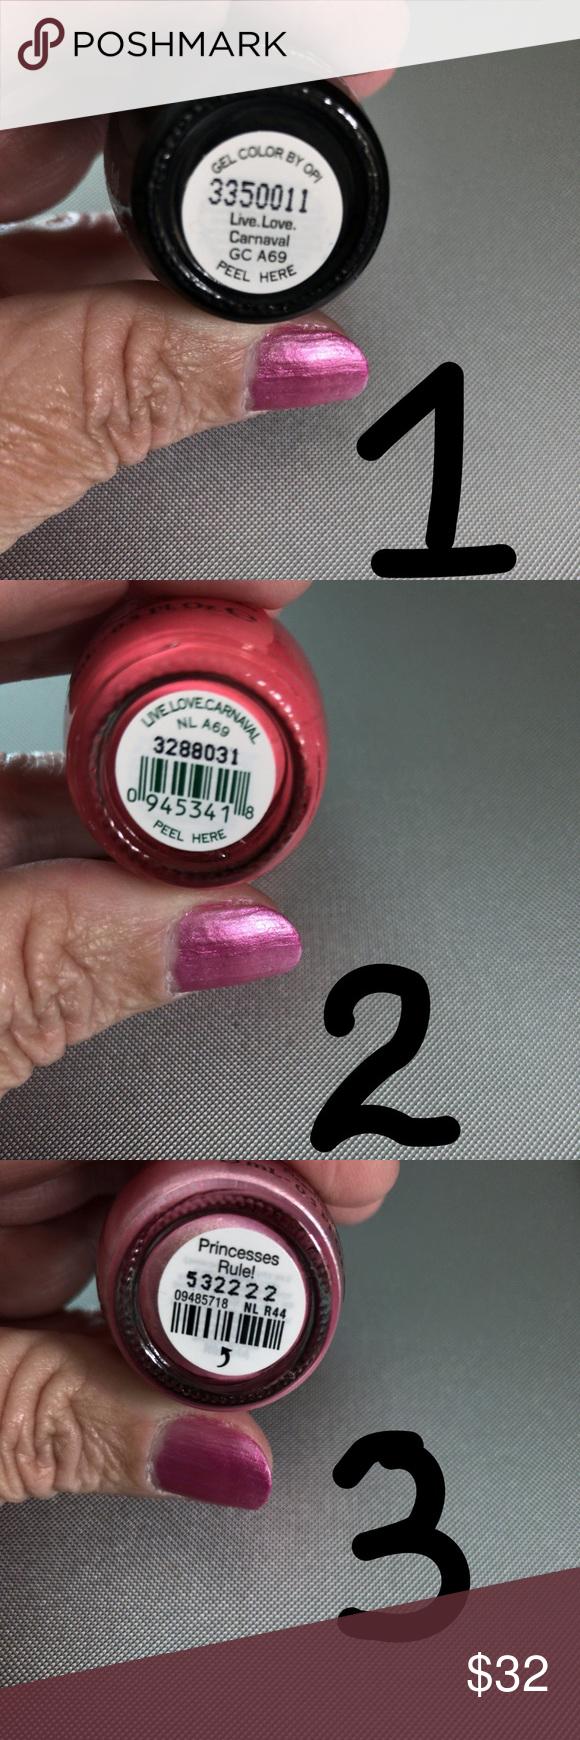 OPI Nail Polish | Opi nails, OPI and Customer support